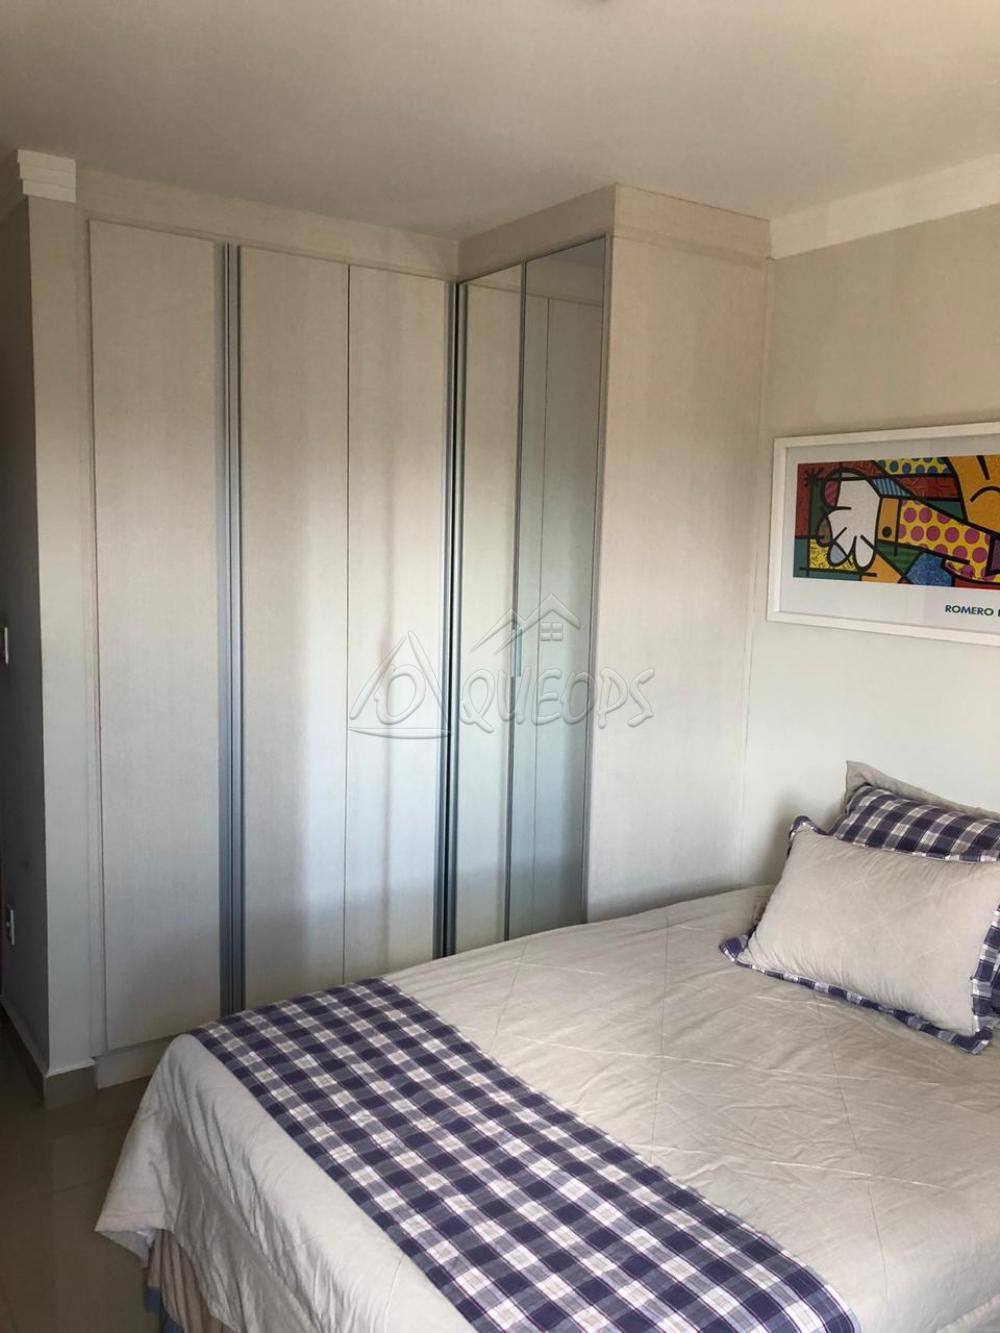 Comprar Apartamento / Padrão em Barretos apenas R$ 700.000,00 - Foto 23